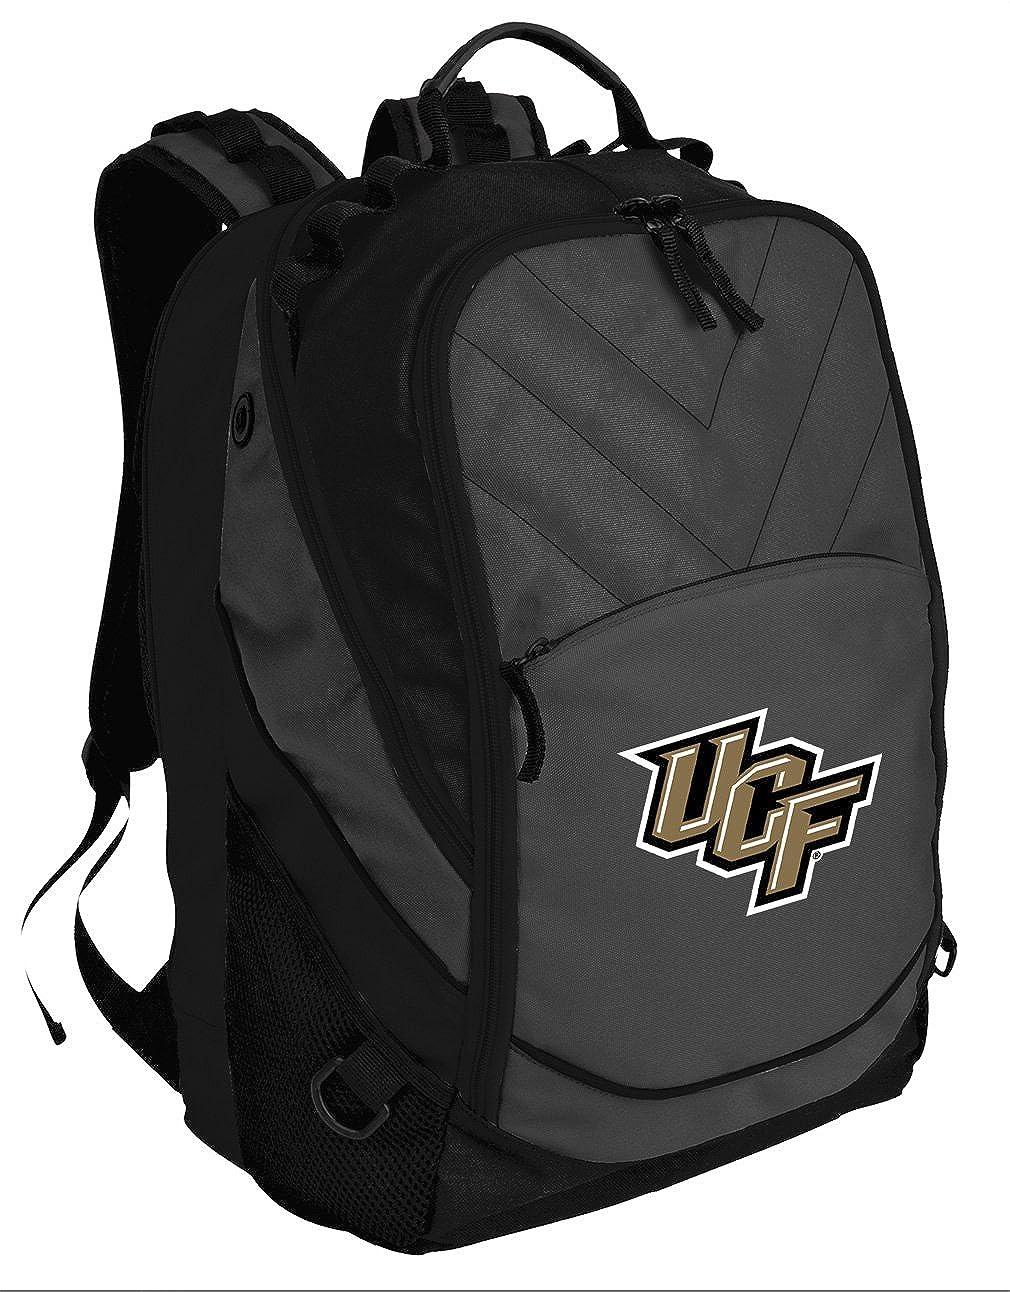 Broad Bay Best University of Central Florida Backpack Laptop Com